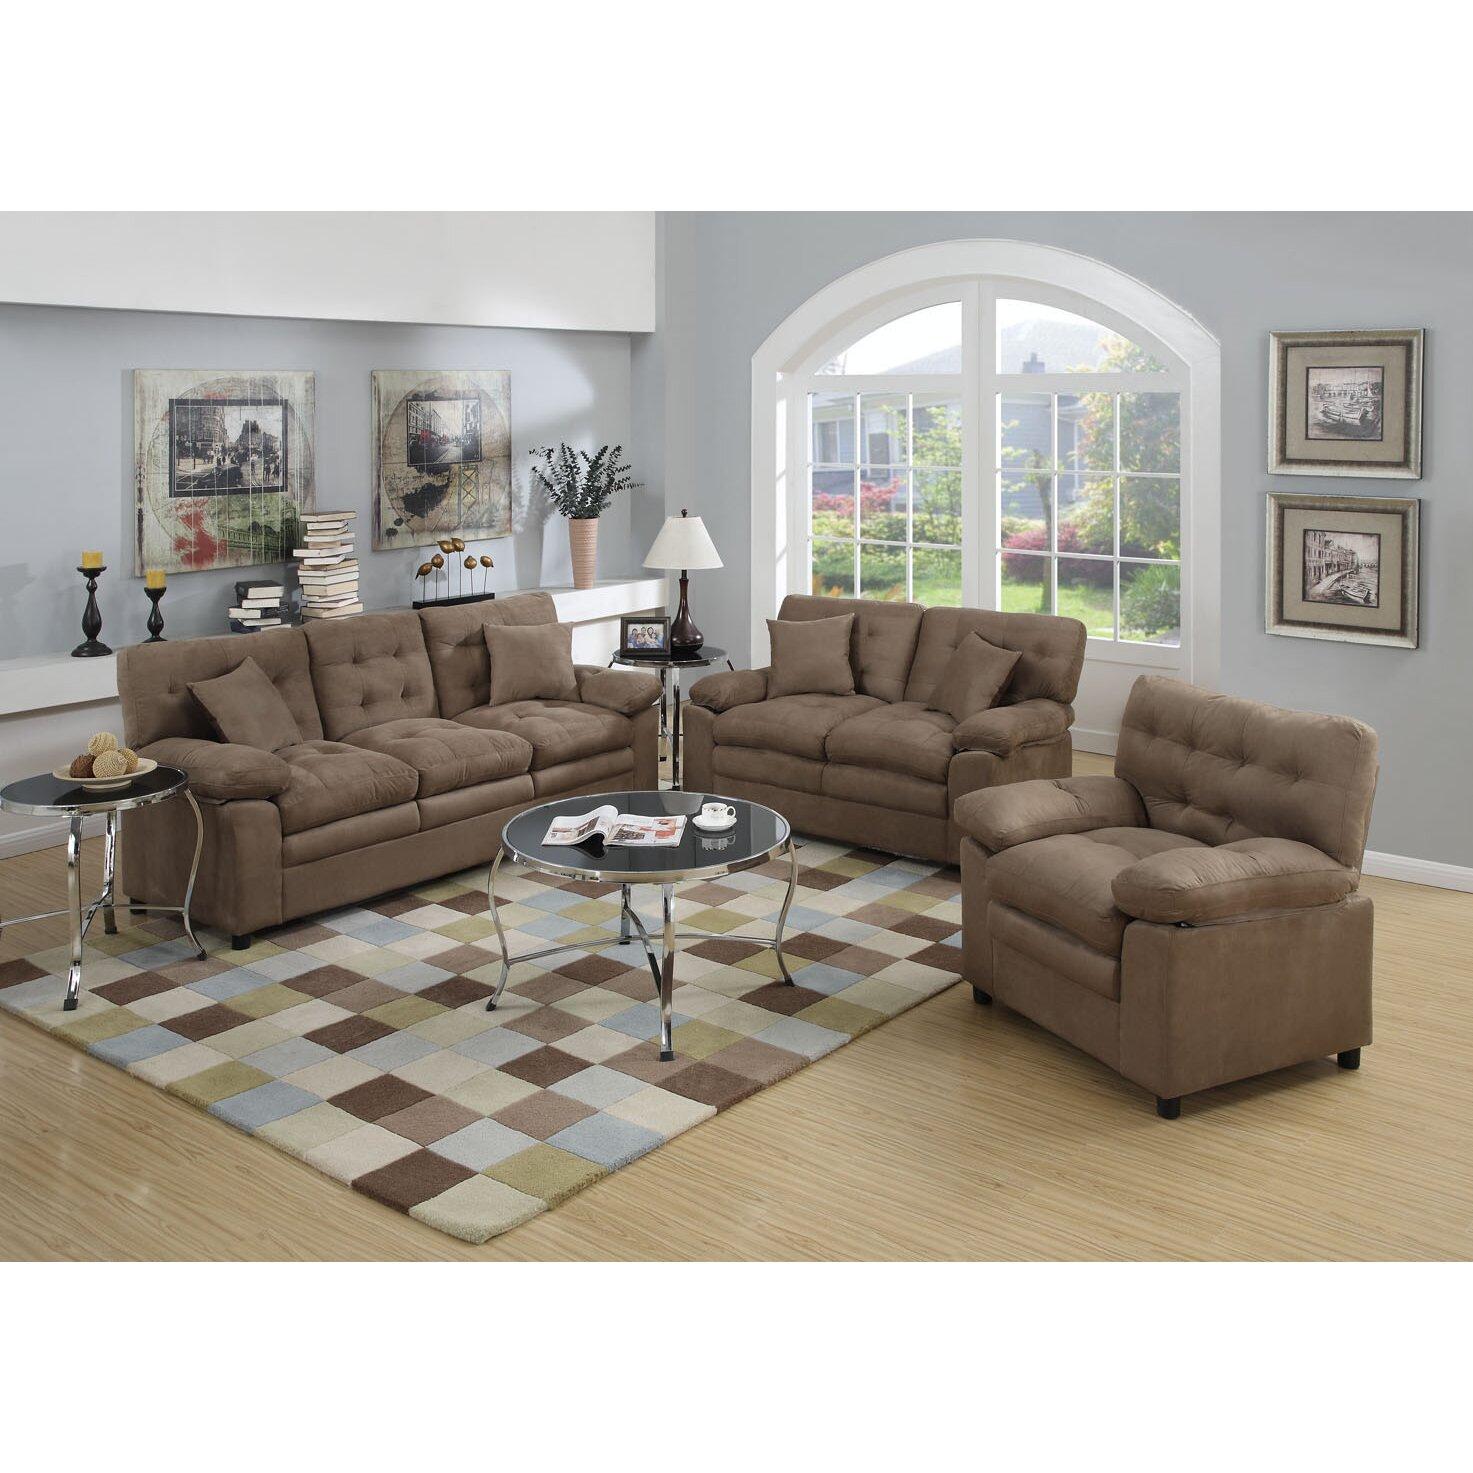 red barrel studio kingsport 3 piece living room set reviews. Black Bedroom Furniture Sets. Home Design Ideas